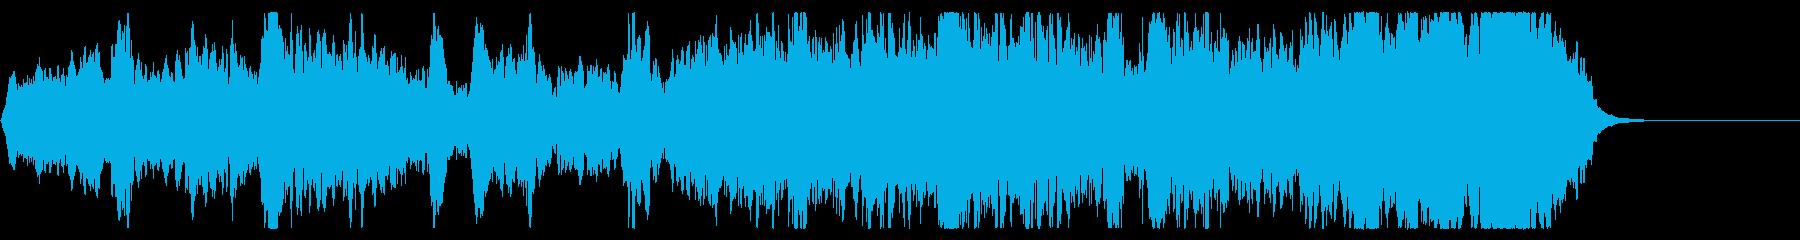 悲しいメロディのクワイアの再生済みの波形